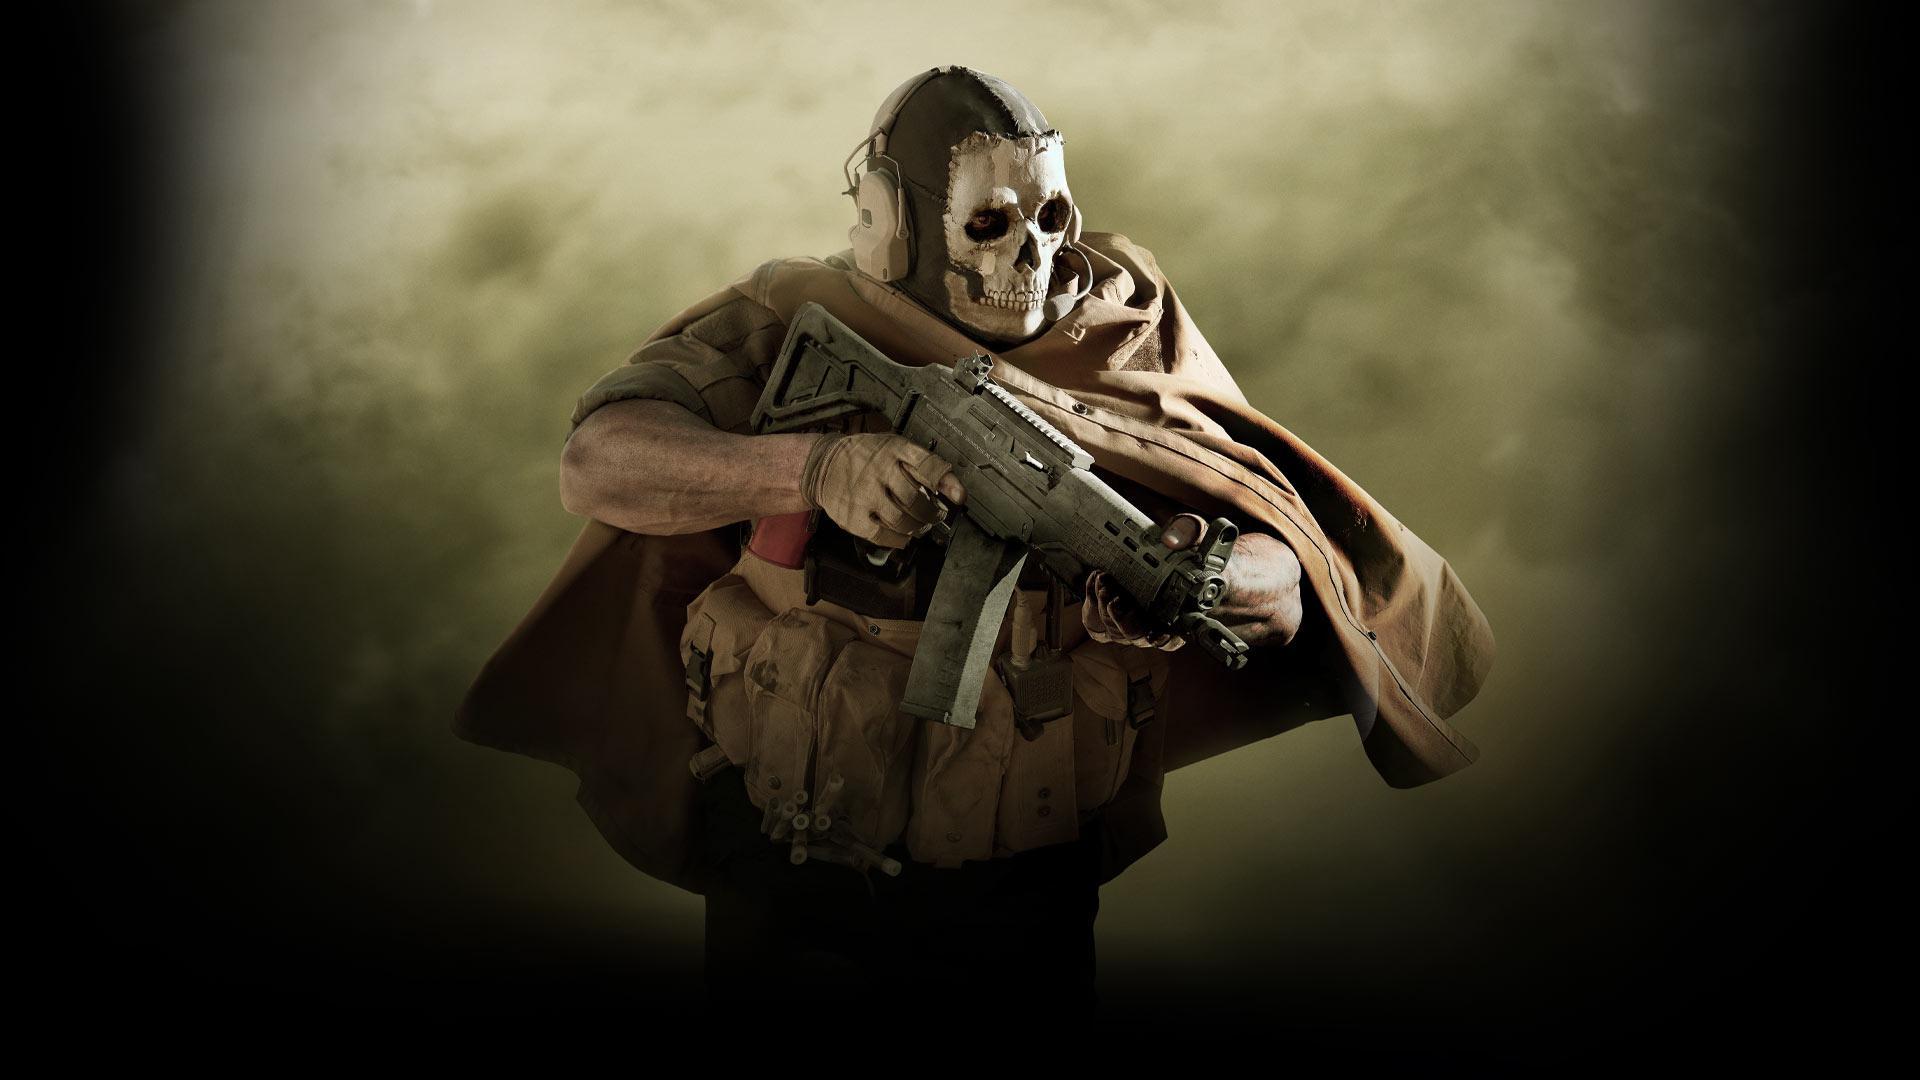 Call Of Duty Modern Warfare 2019 Ghost Hd Wallpaper